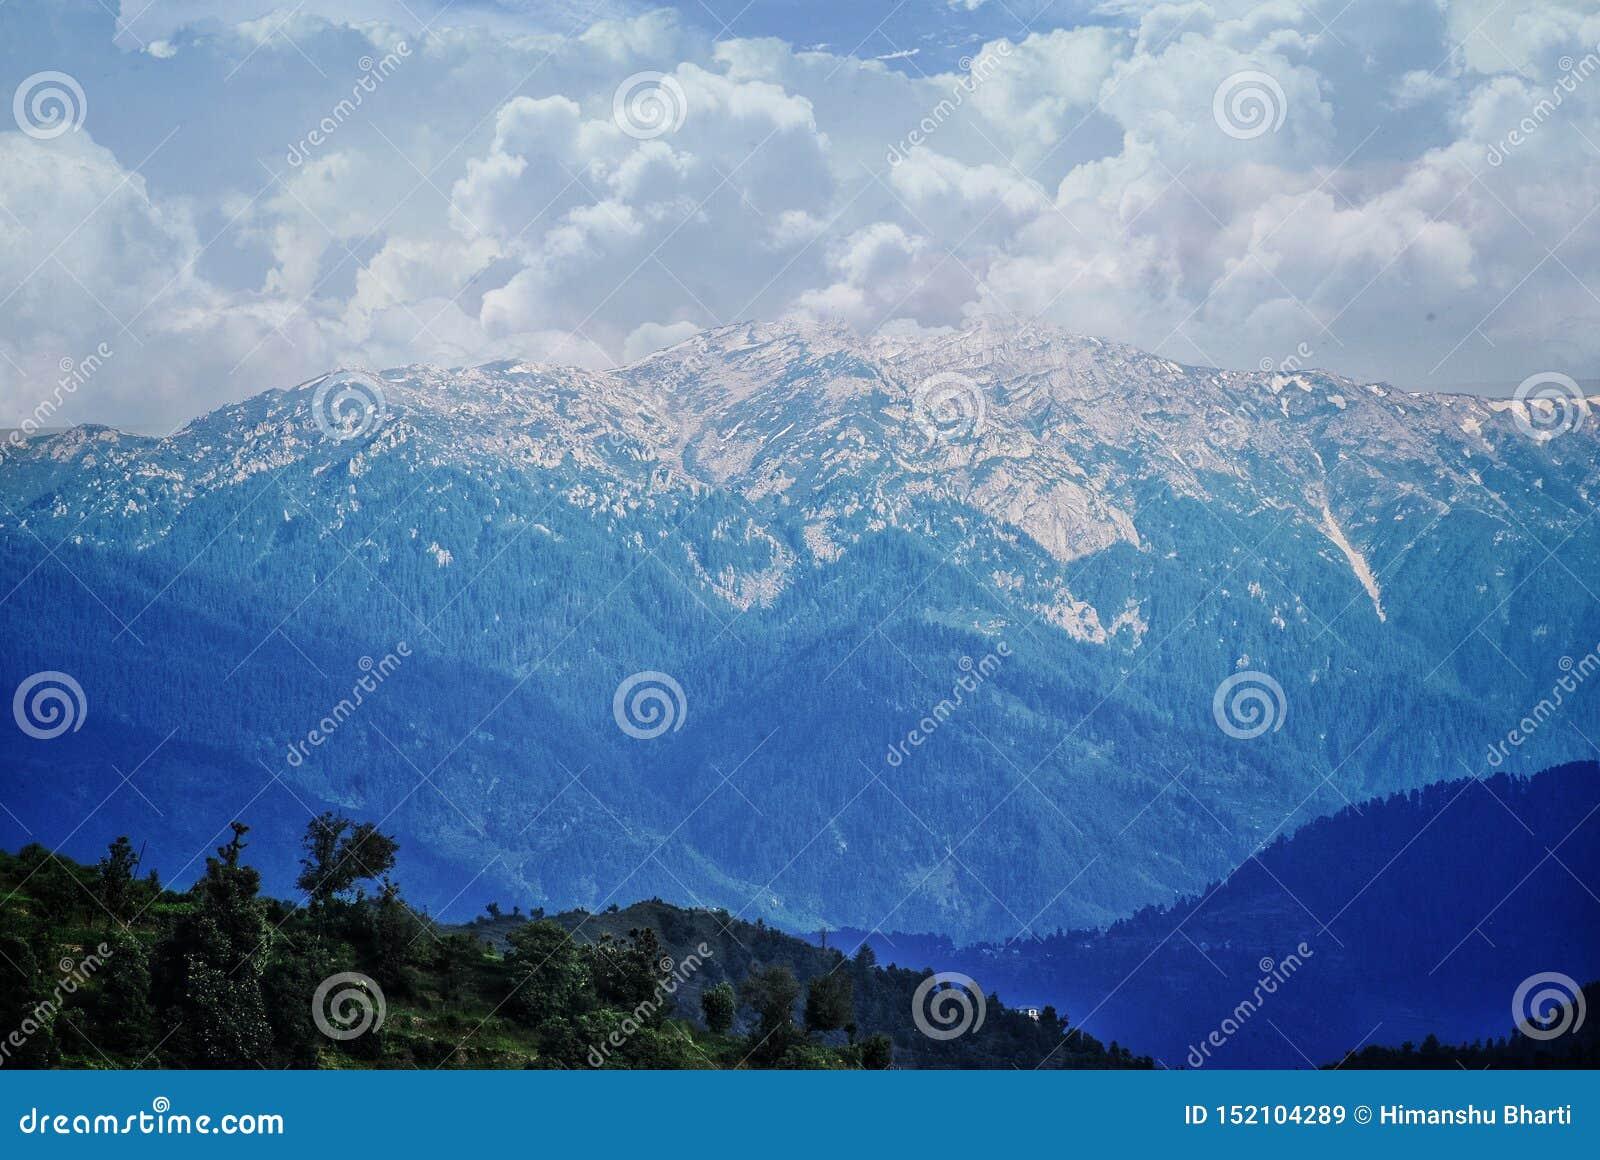 一座喜马拉雅对此的山和云彩的图片与雪的